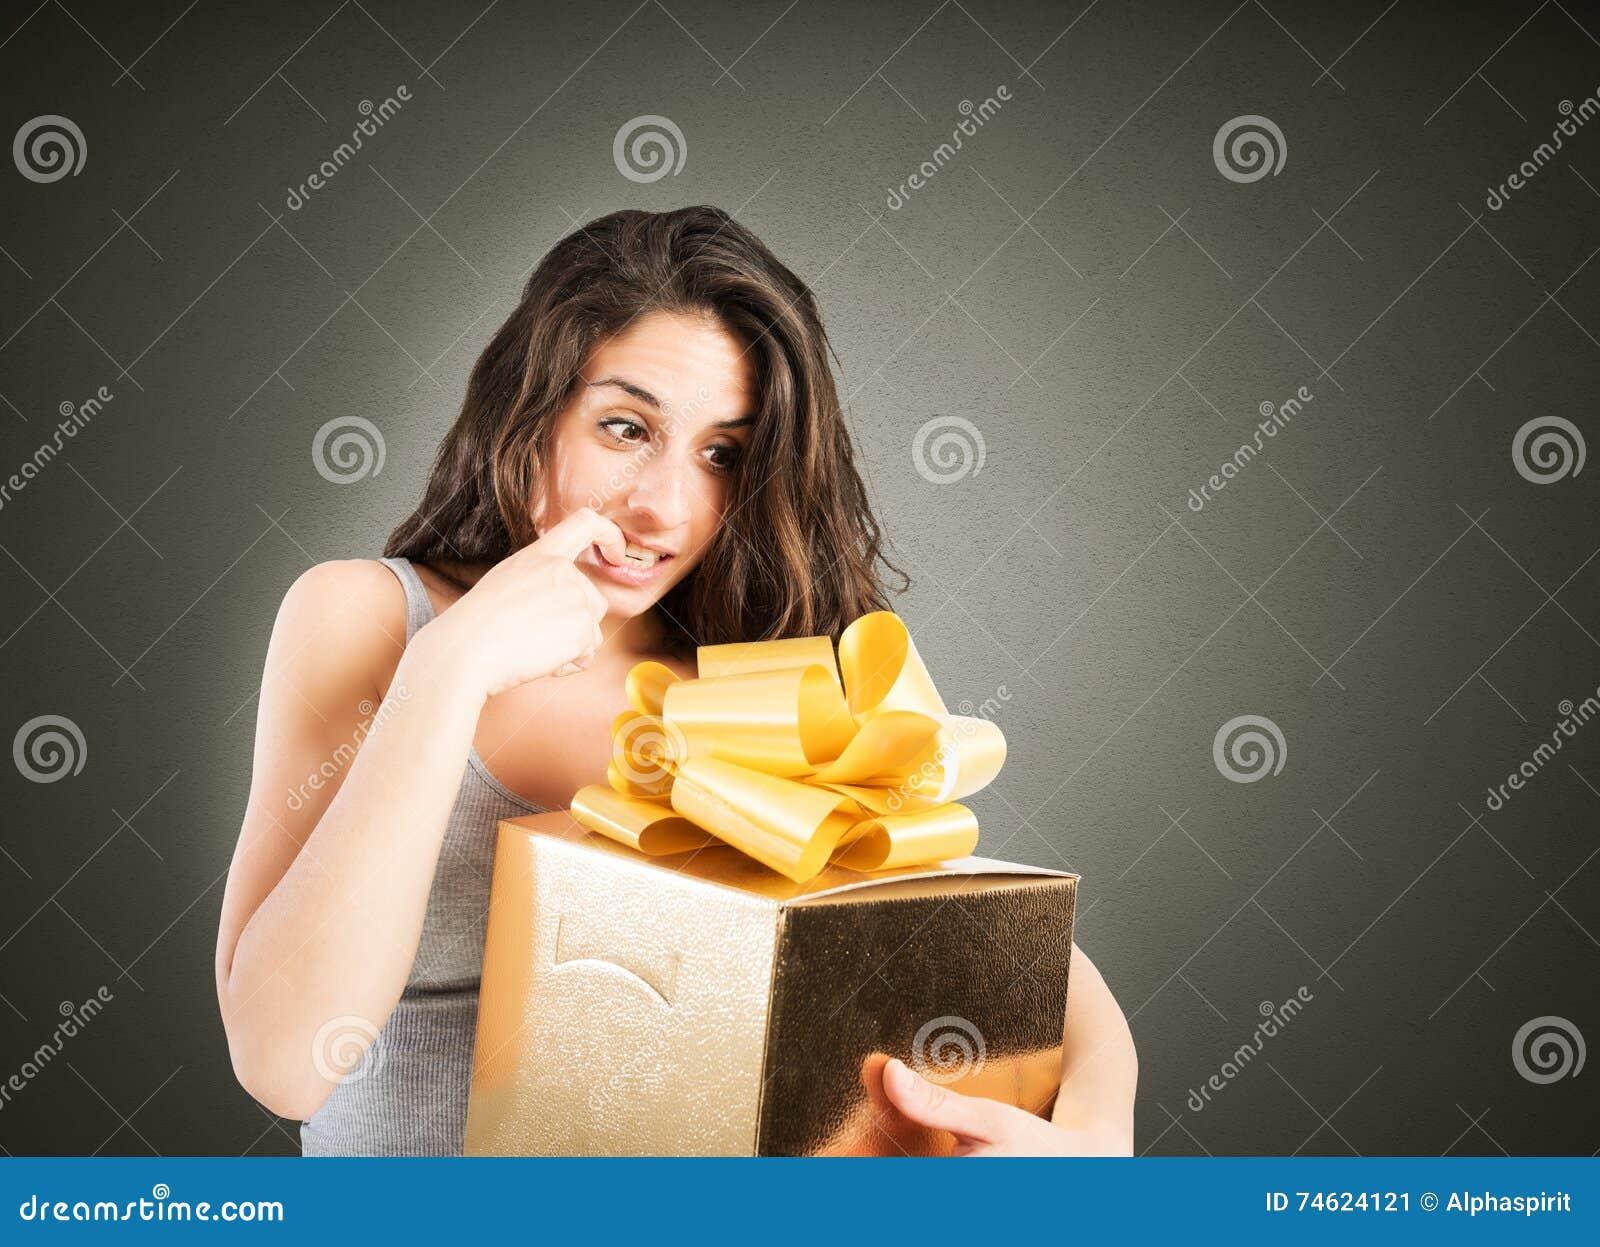 Désireux d ouvrir un cadeau